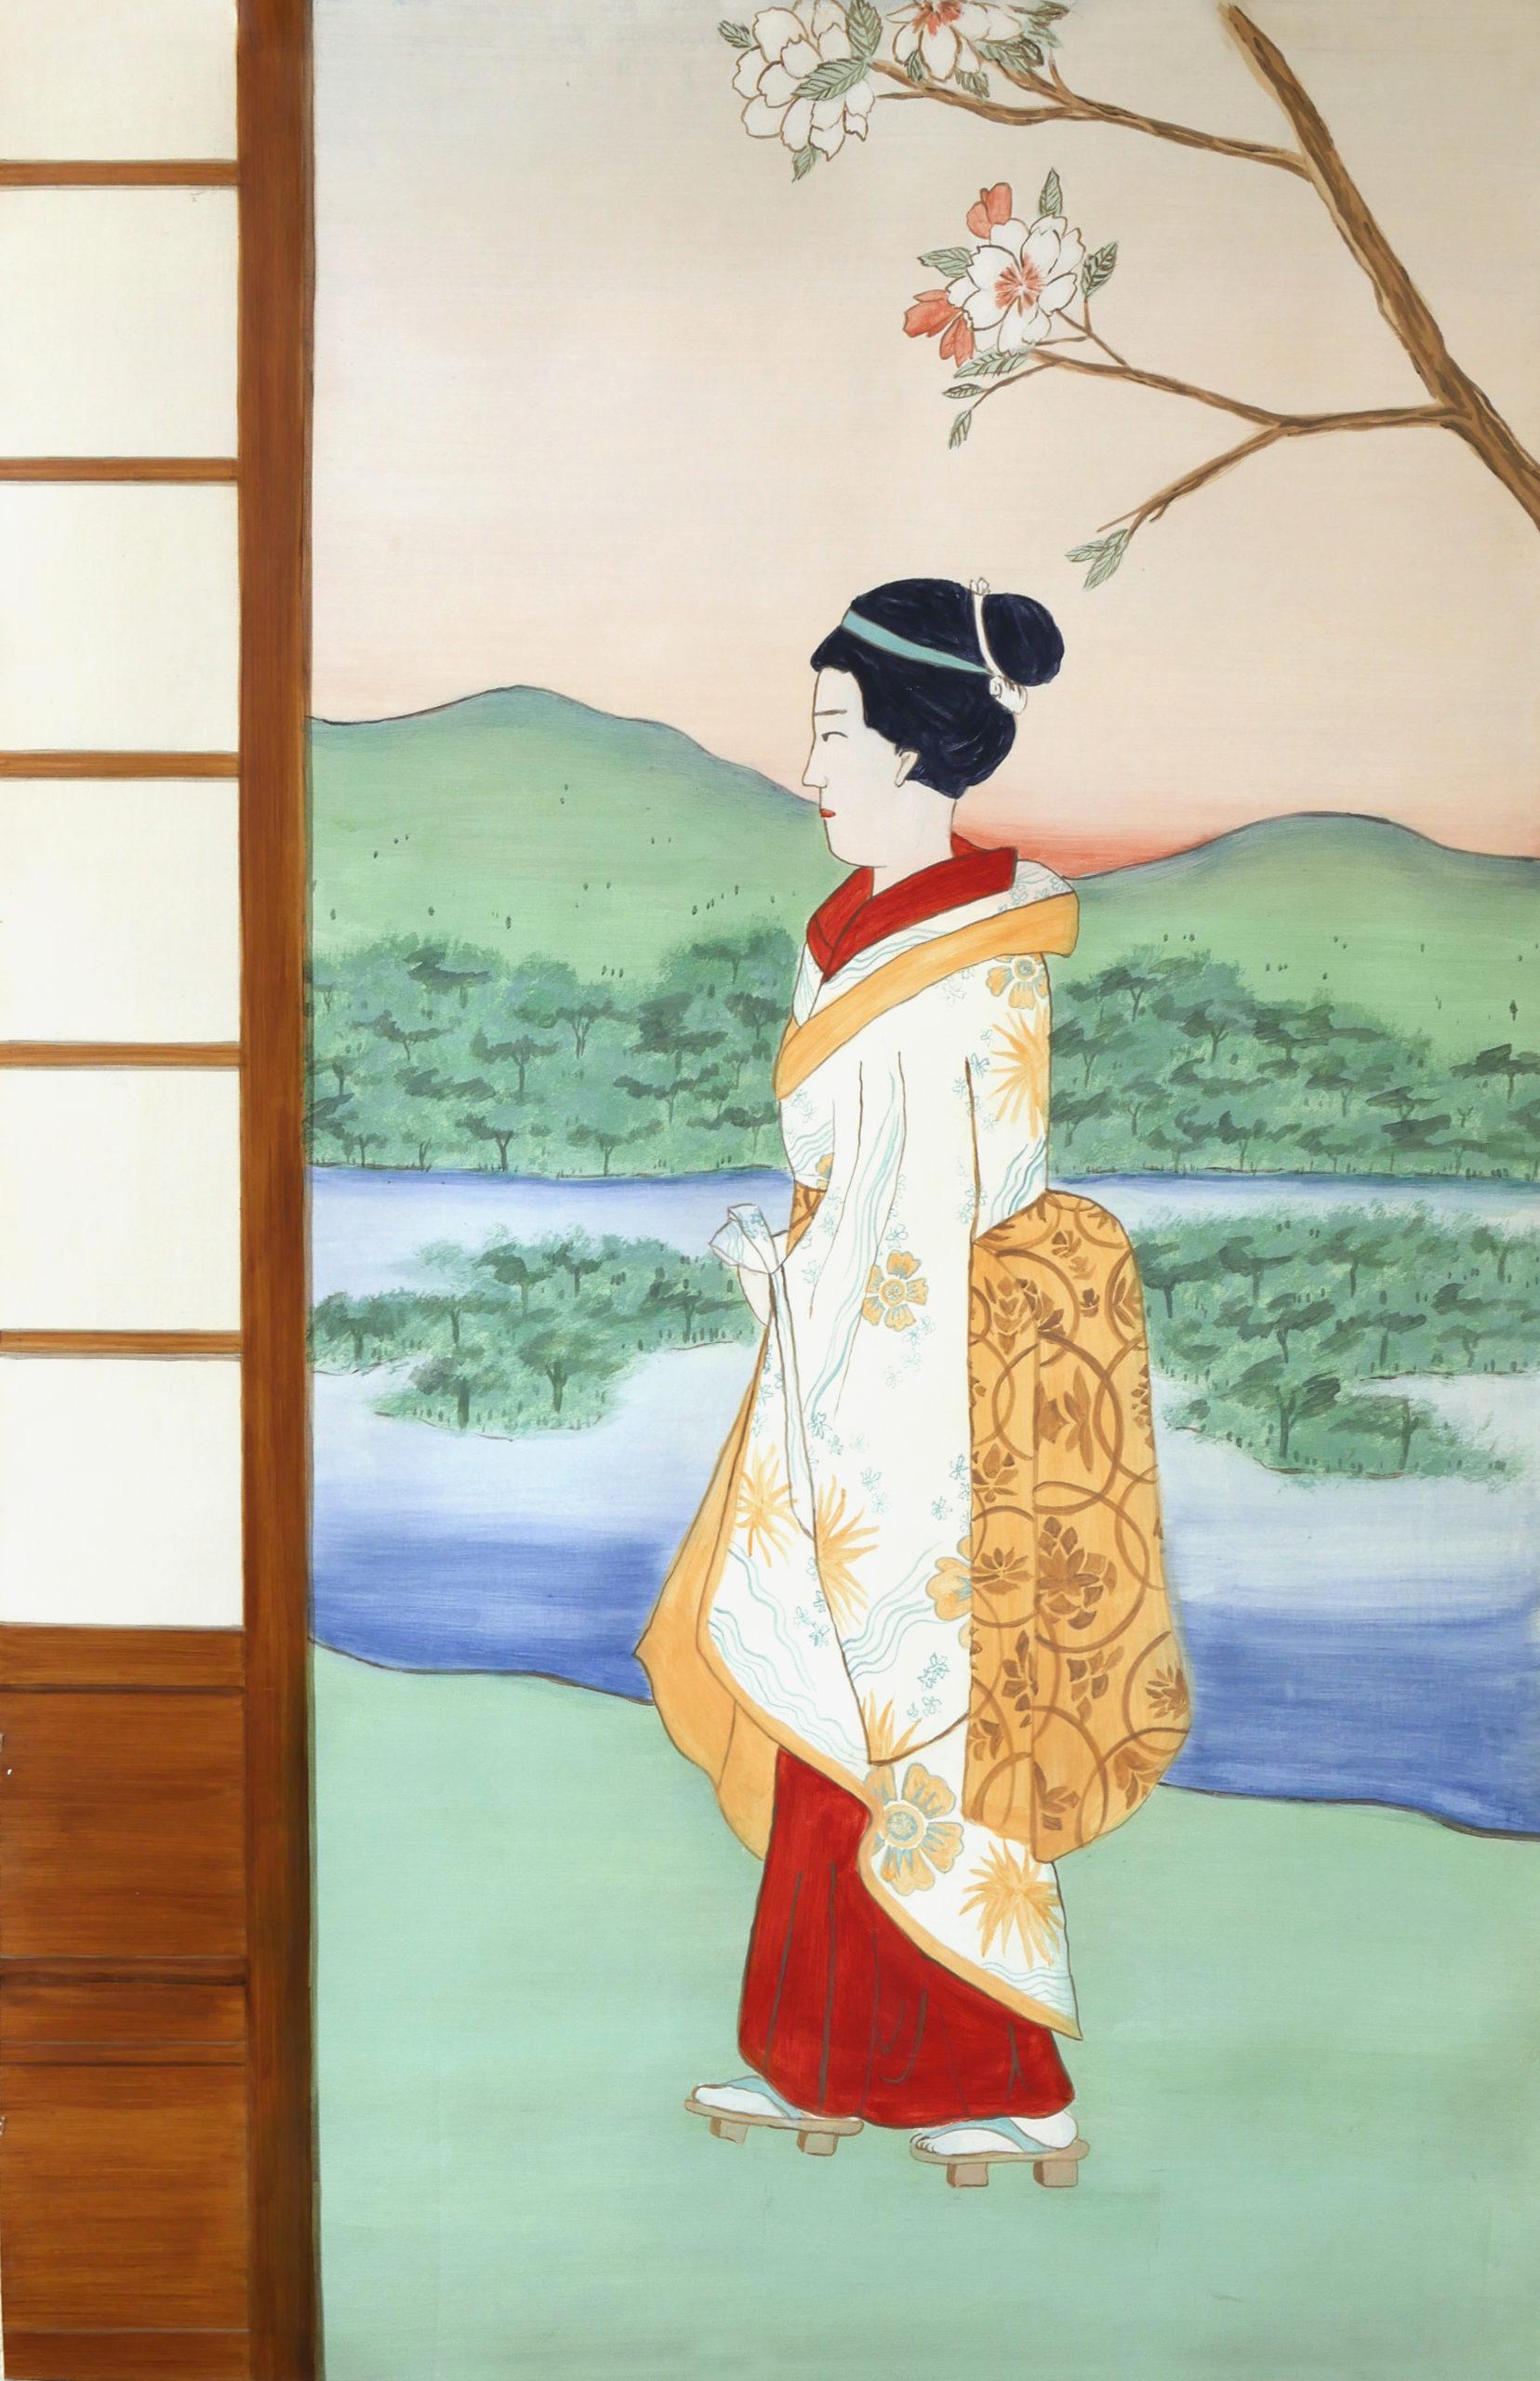 Peinture murale façon estampe japonaise, peinture à la caséine, technique ancienne. Assilem décors, peintre en décor Bordeaux, décoration intérieure, peinture décorative